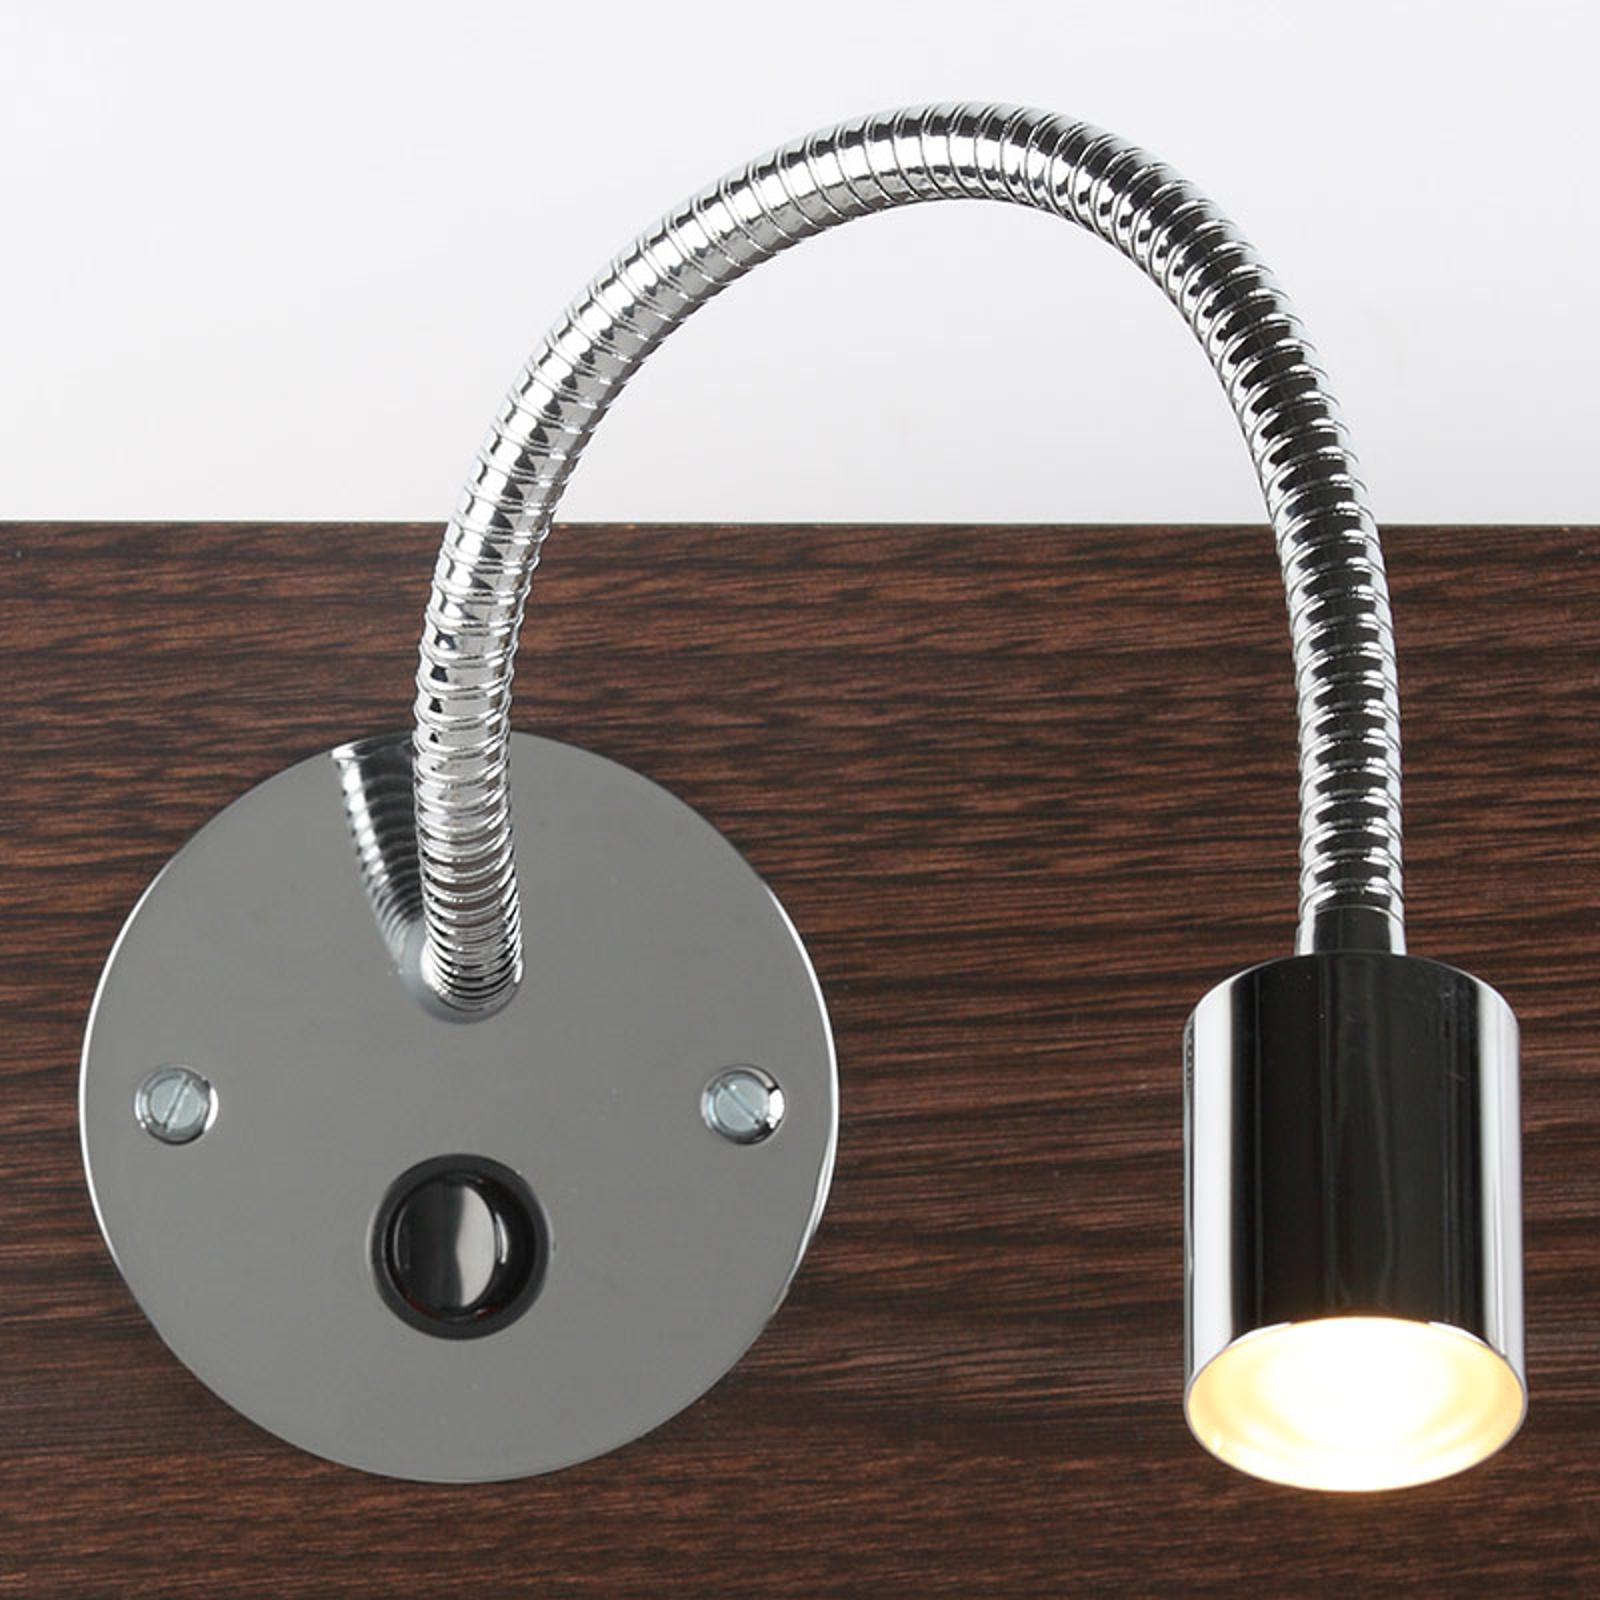 LED innfelt vegglampe LD-19 fleksibel arm, krom